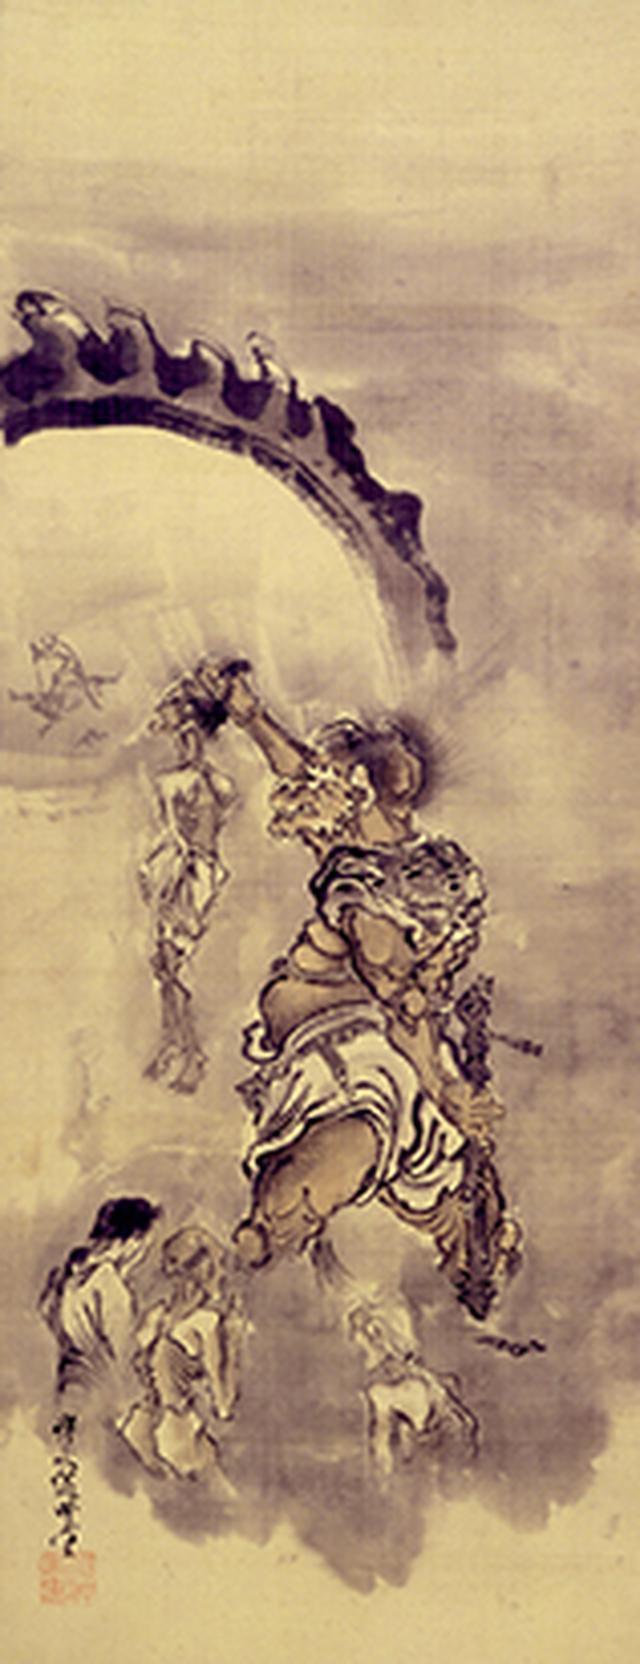 画像2: 《閻魔庁図》明治12(1879)年以降 熊本県立美術館 *後期展示